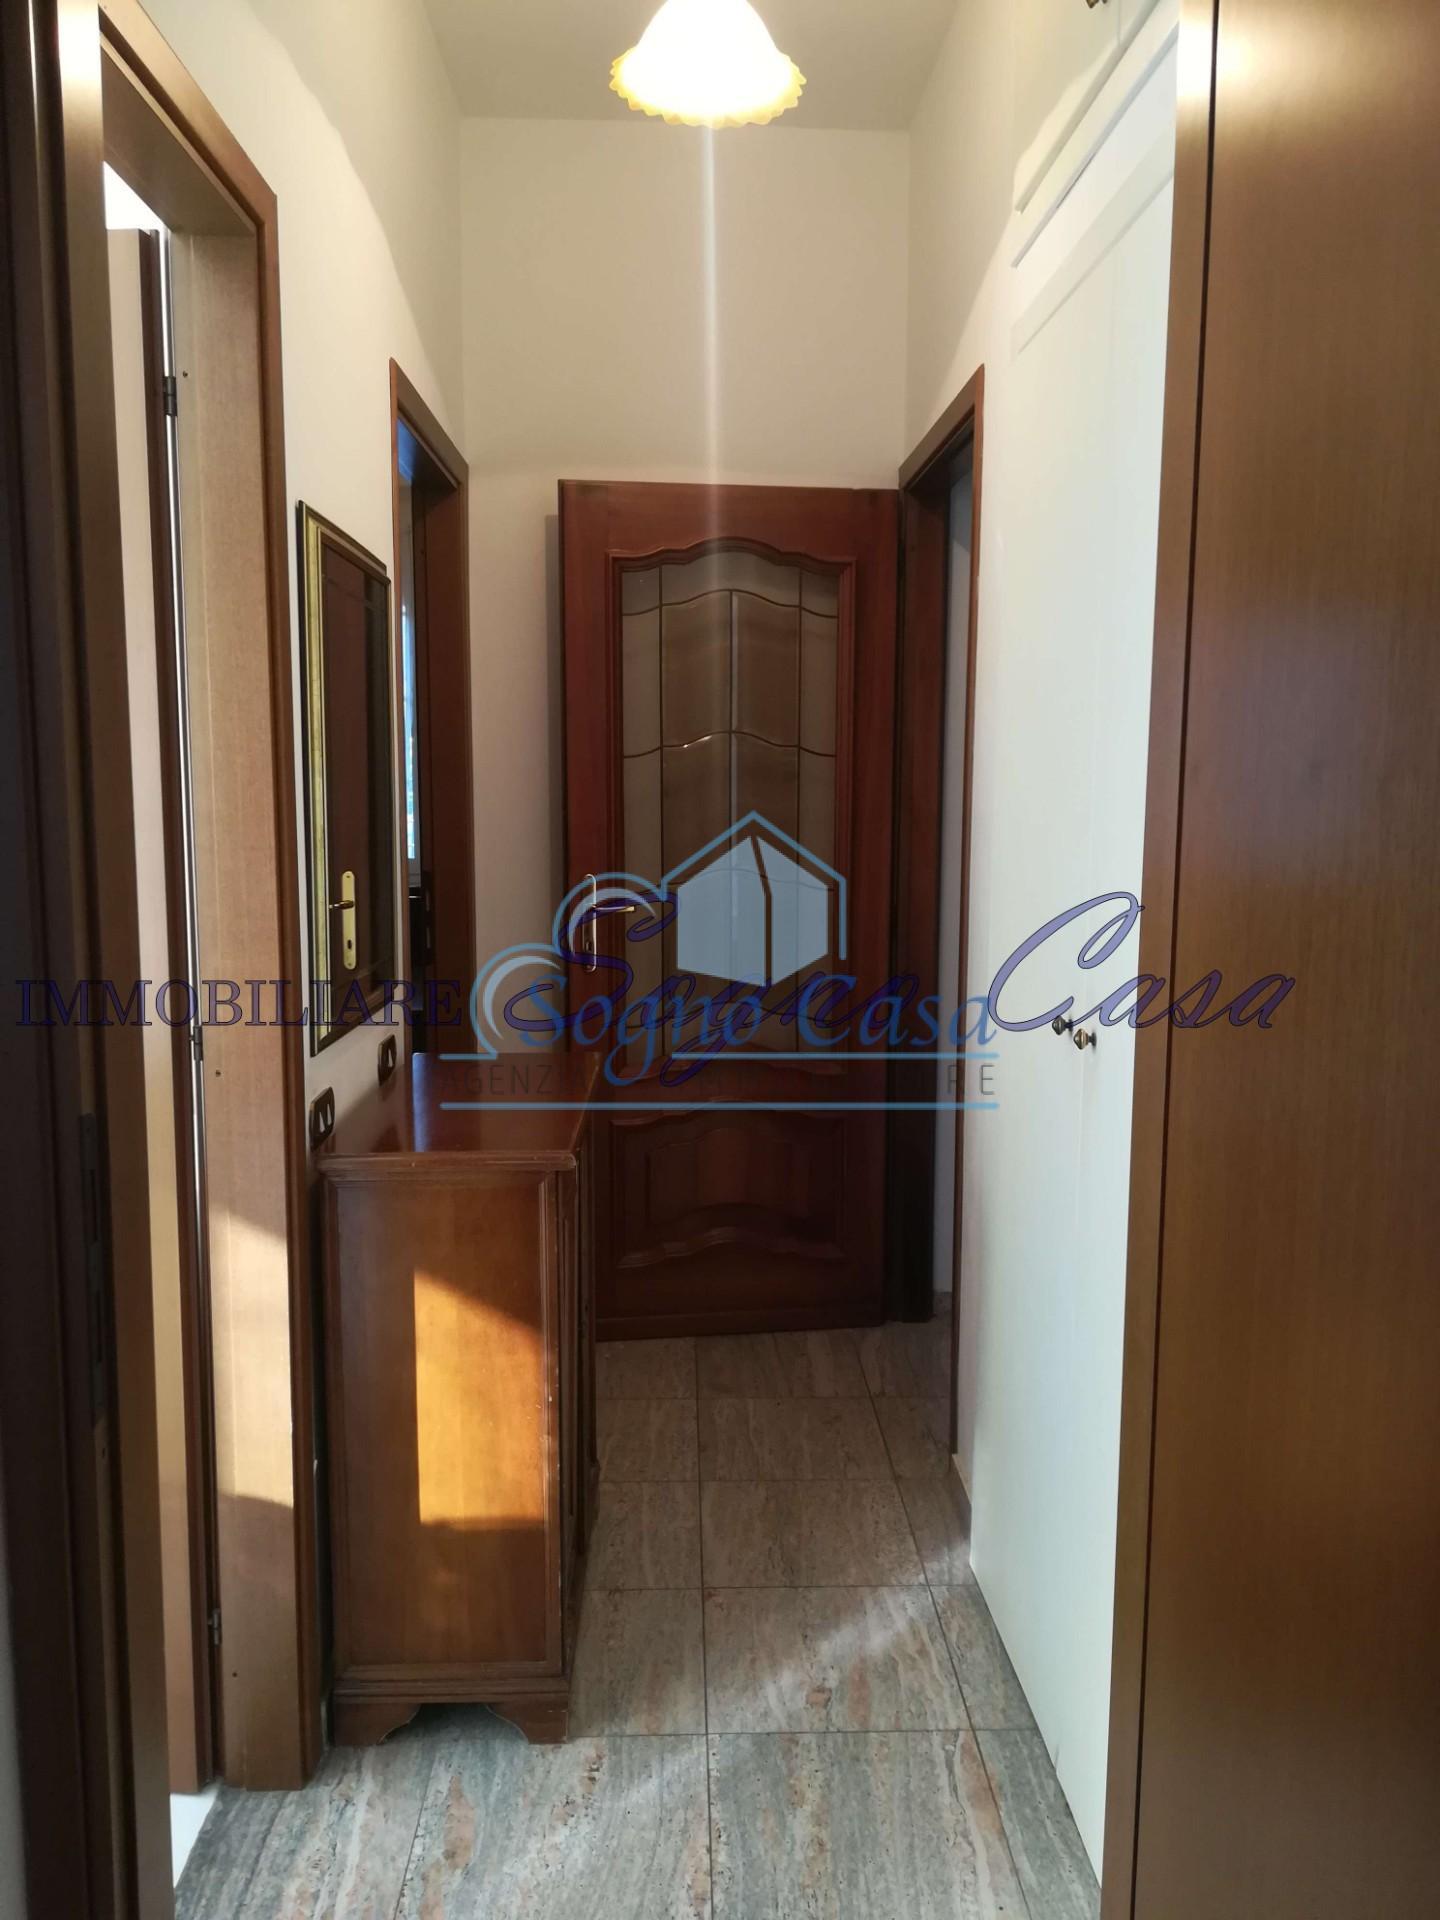 Appartamento in vendita, rif. 106770